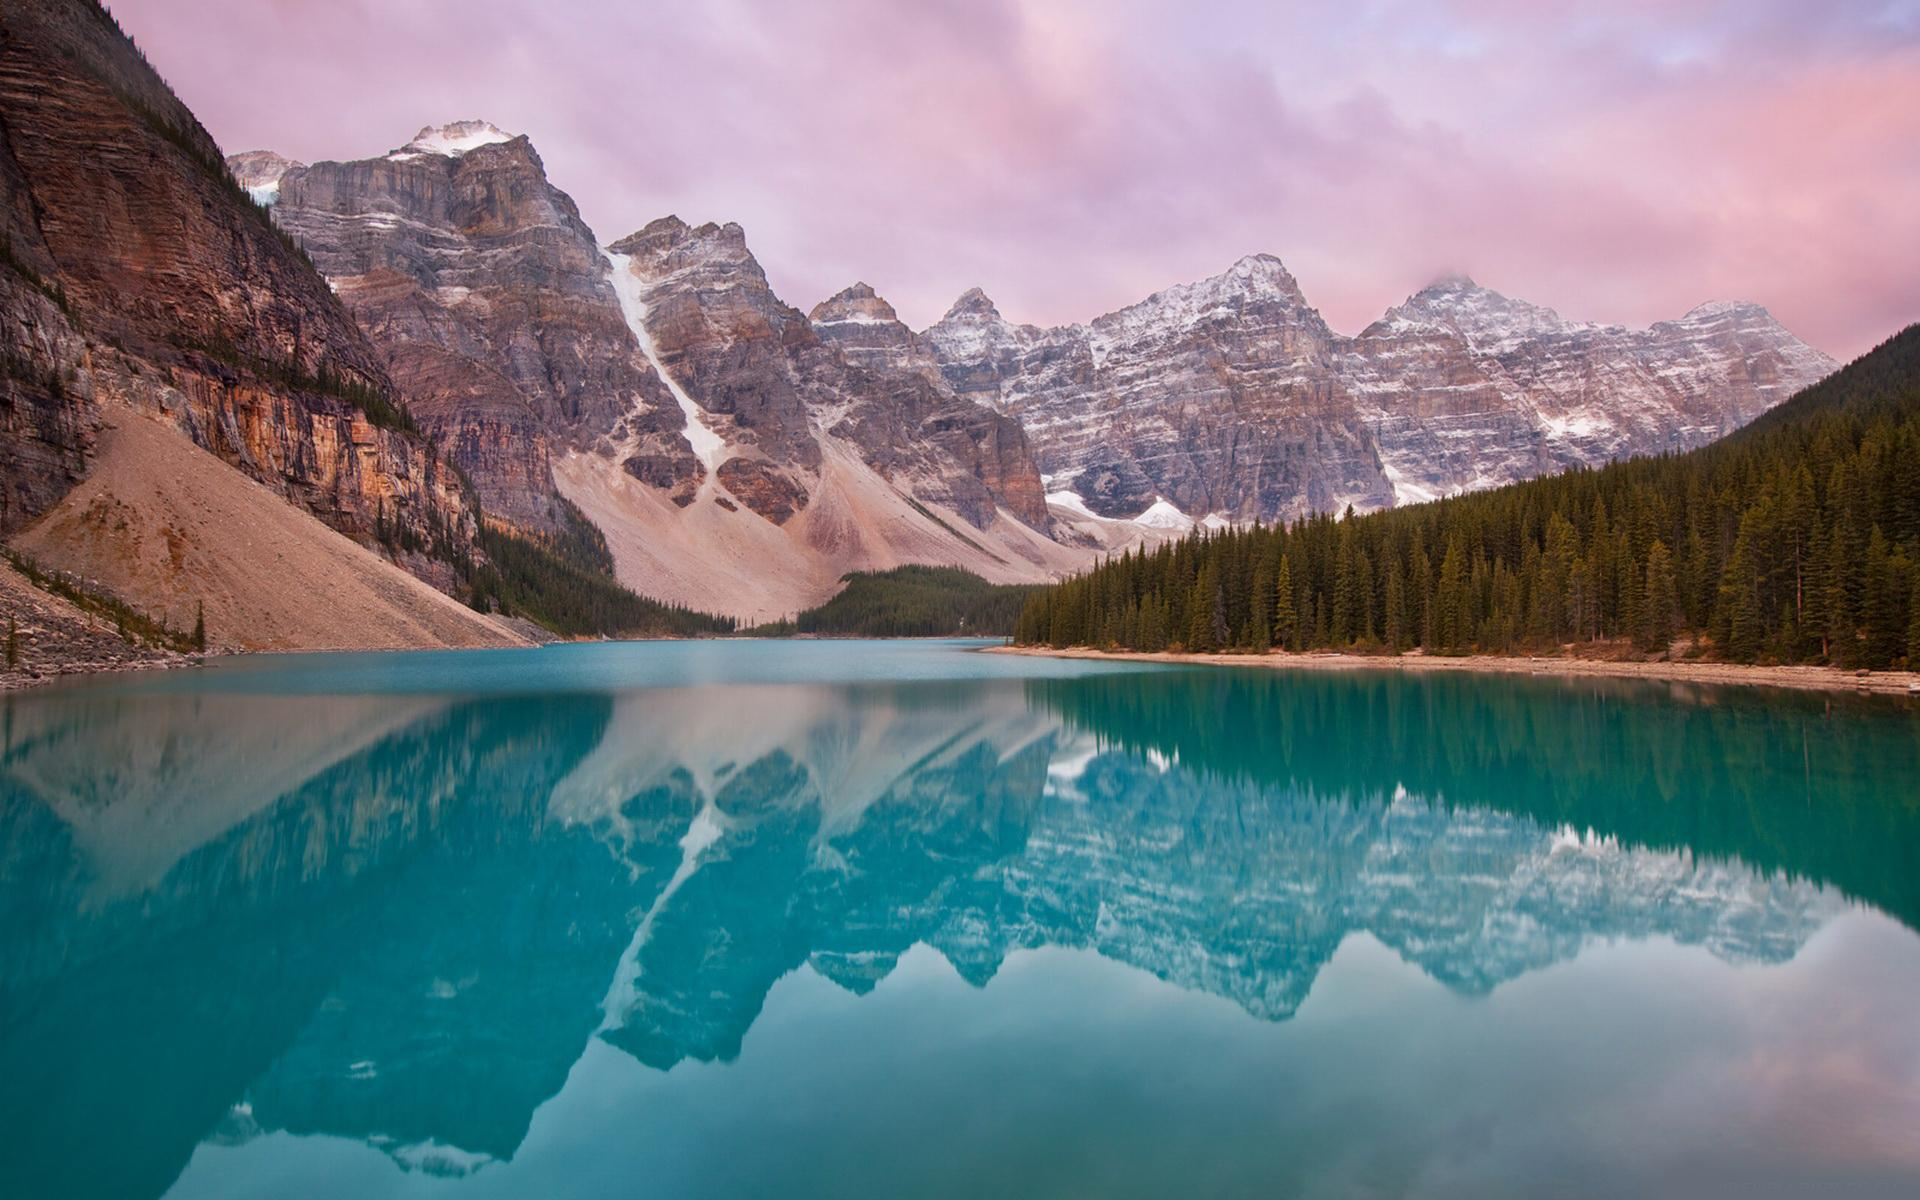 Голубое озеро в горах  № 2798850 загрузить